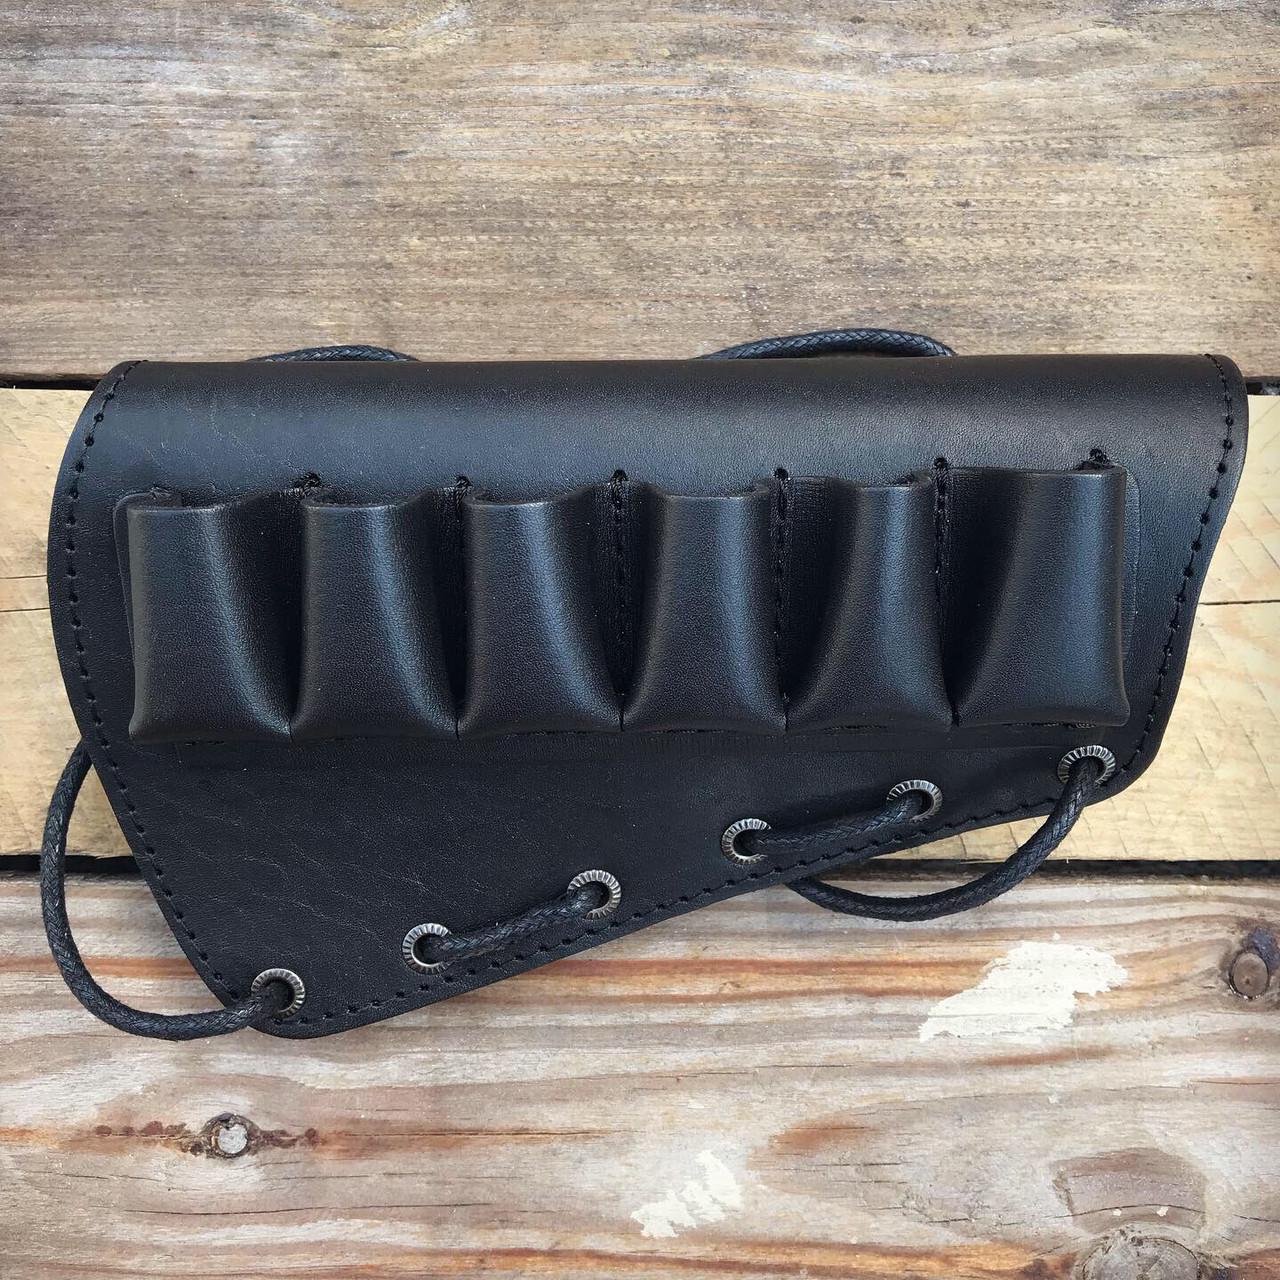 Патронташ на приклад 6 патронов гладкоствольных на шнуровке Черный (кожа)